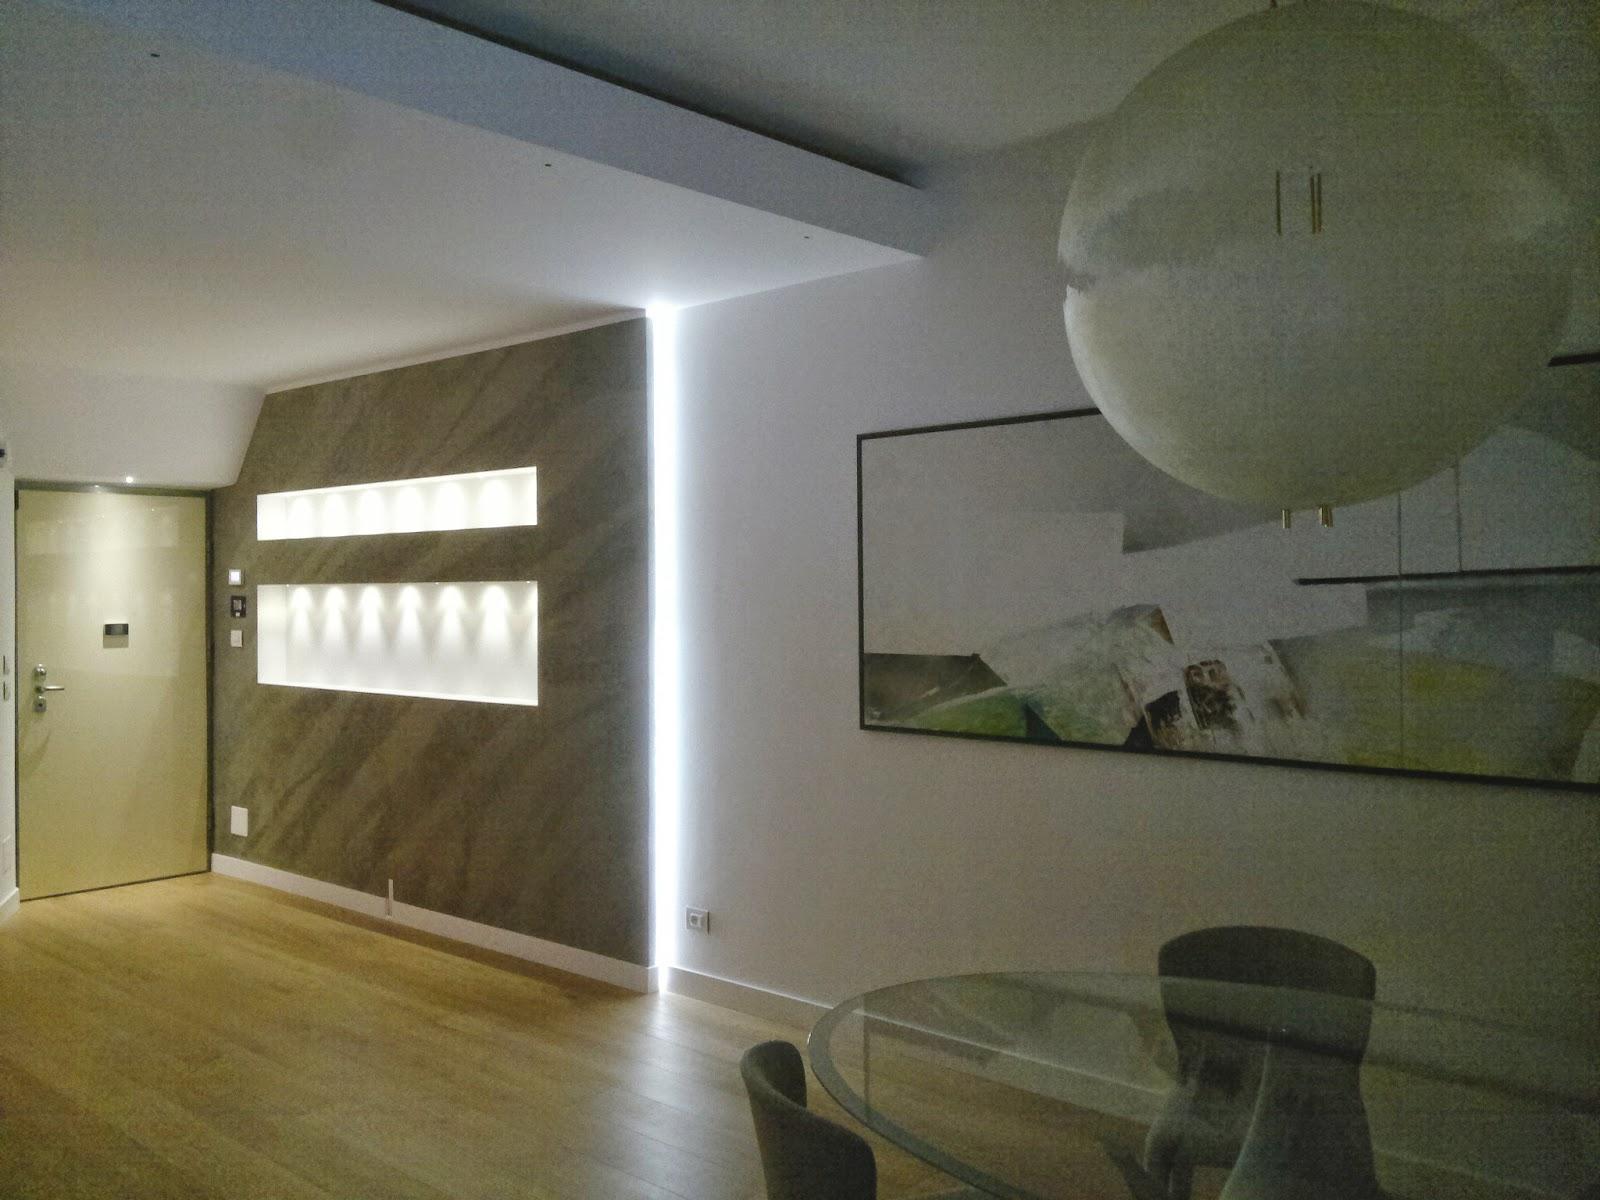 Illuminazione led casa torino ristrutturando un for Led per interni casa